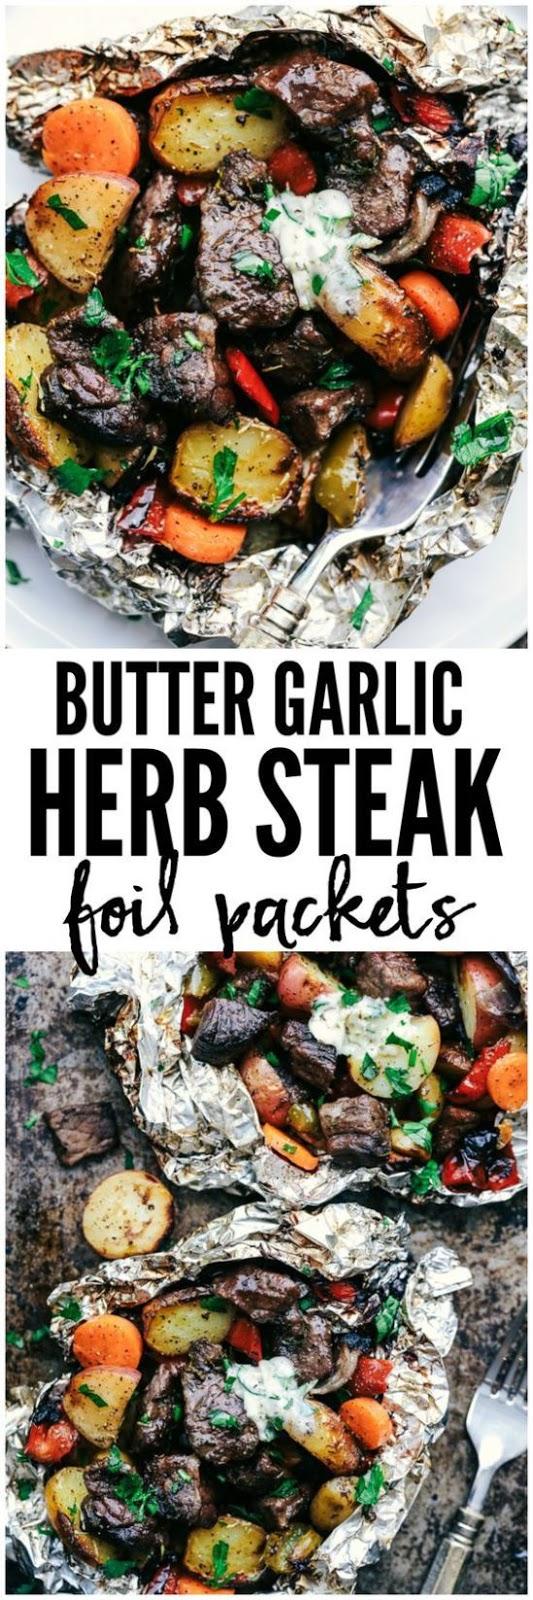 Butter Garlic Herb Steak Foil Packets